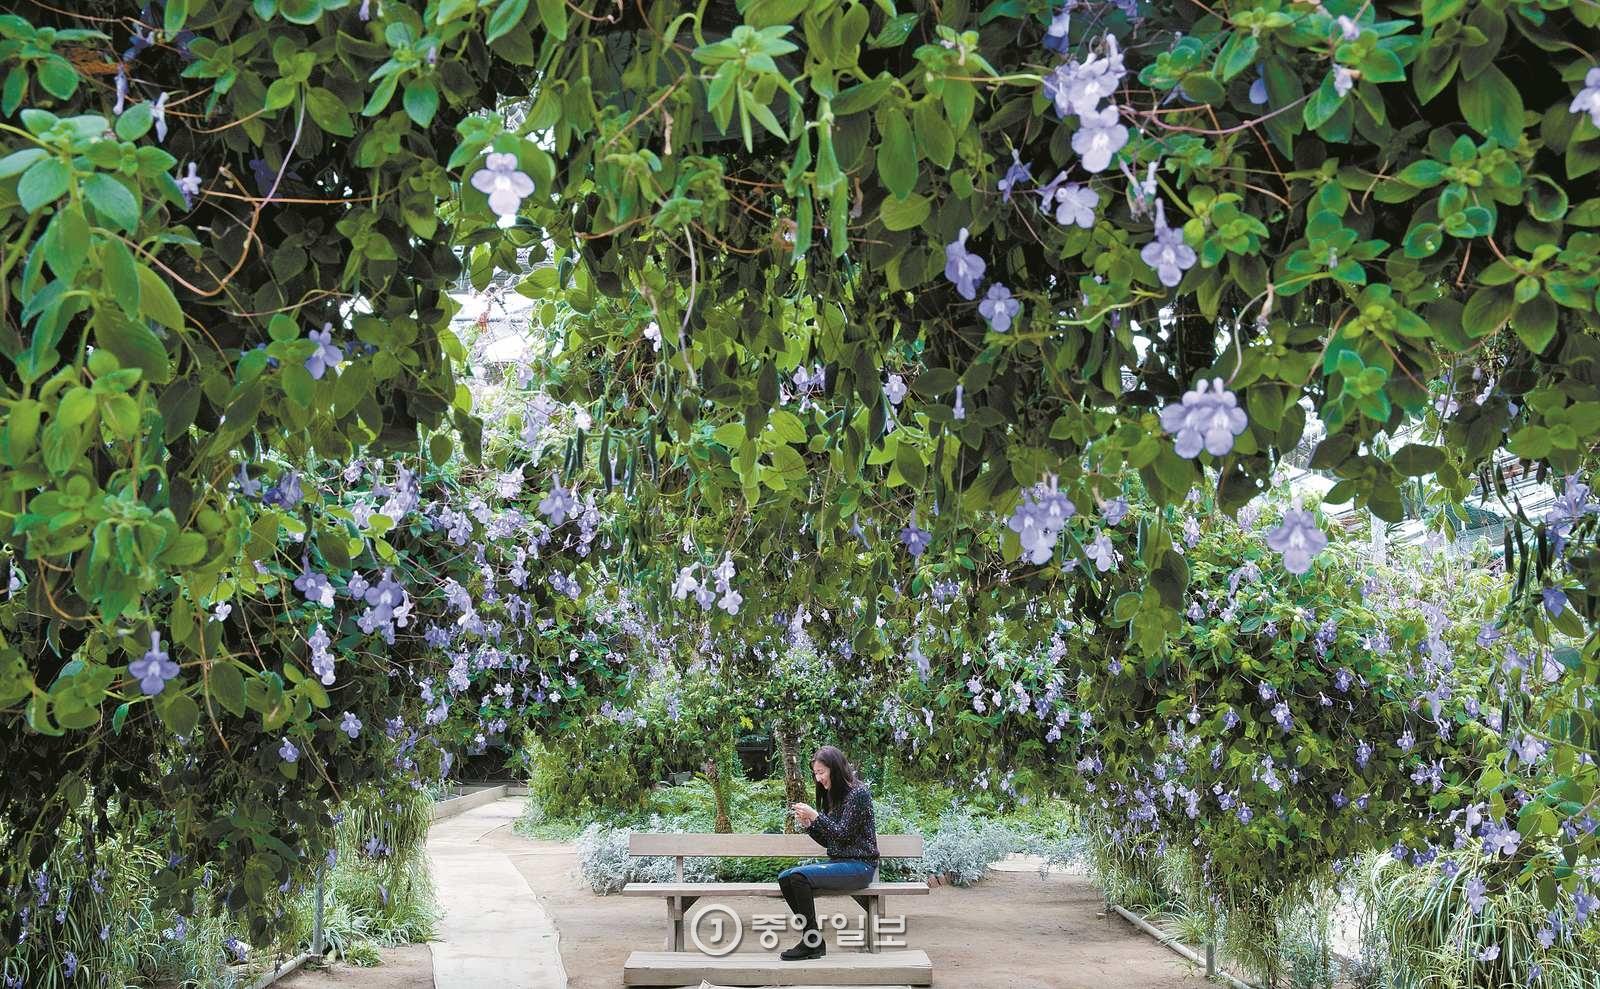 보랏빛 꽃 스트렙토칼펠라 삭소롬이 만발한 아산 세계꽃식물원.